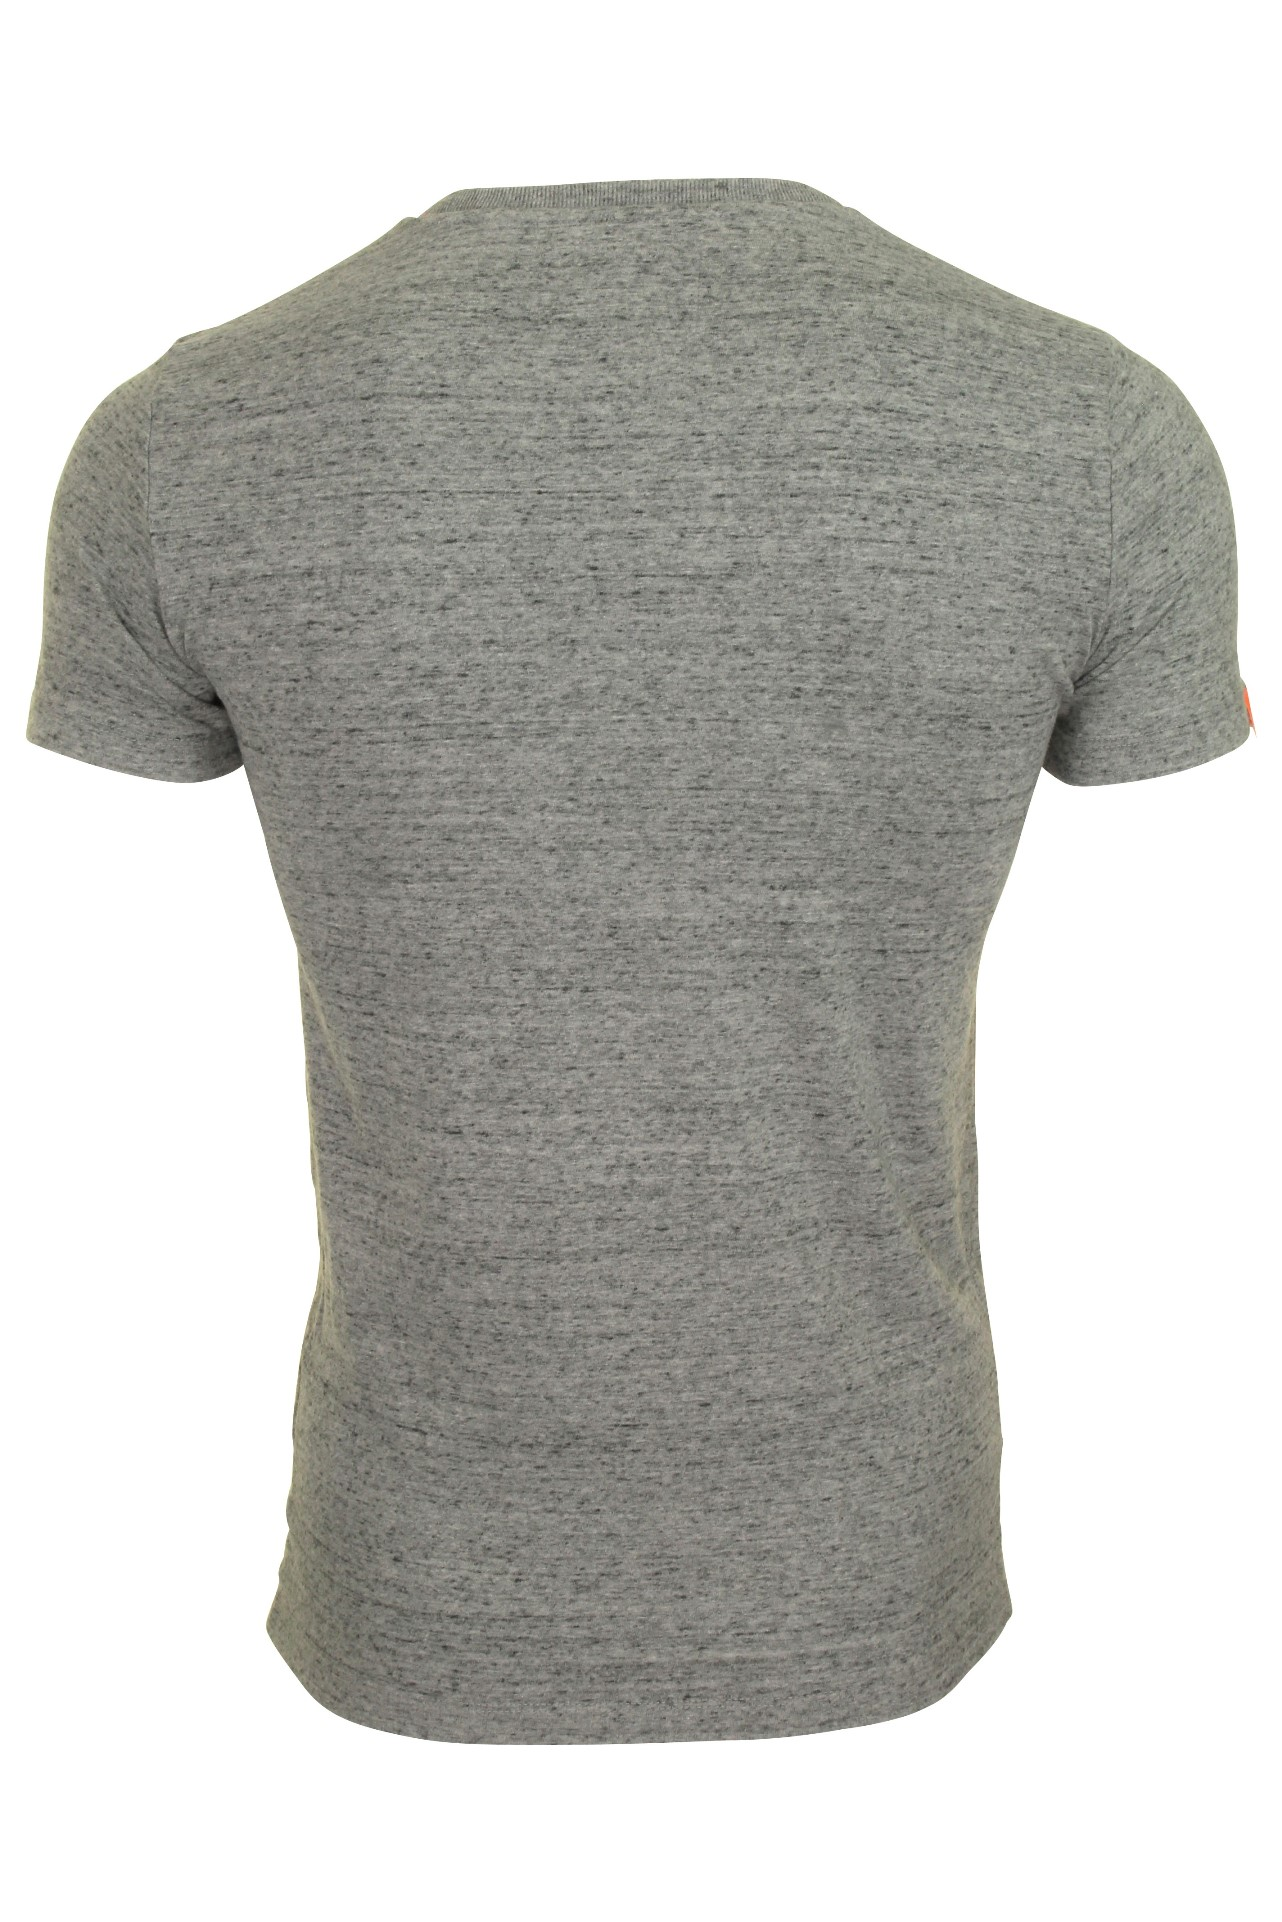 Superdry Mens /'Orange Label Vintage/' Crew Neck T-Shirt